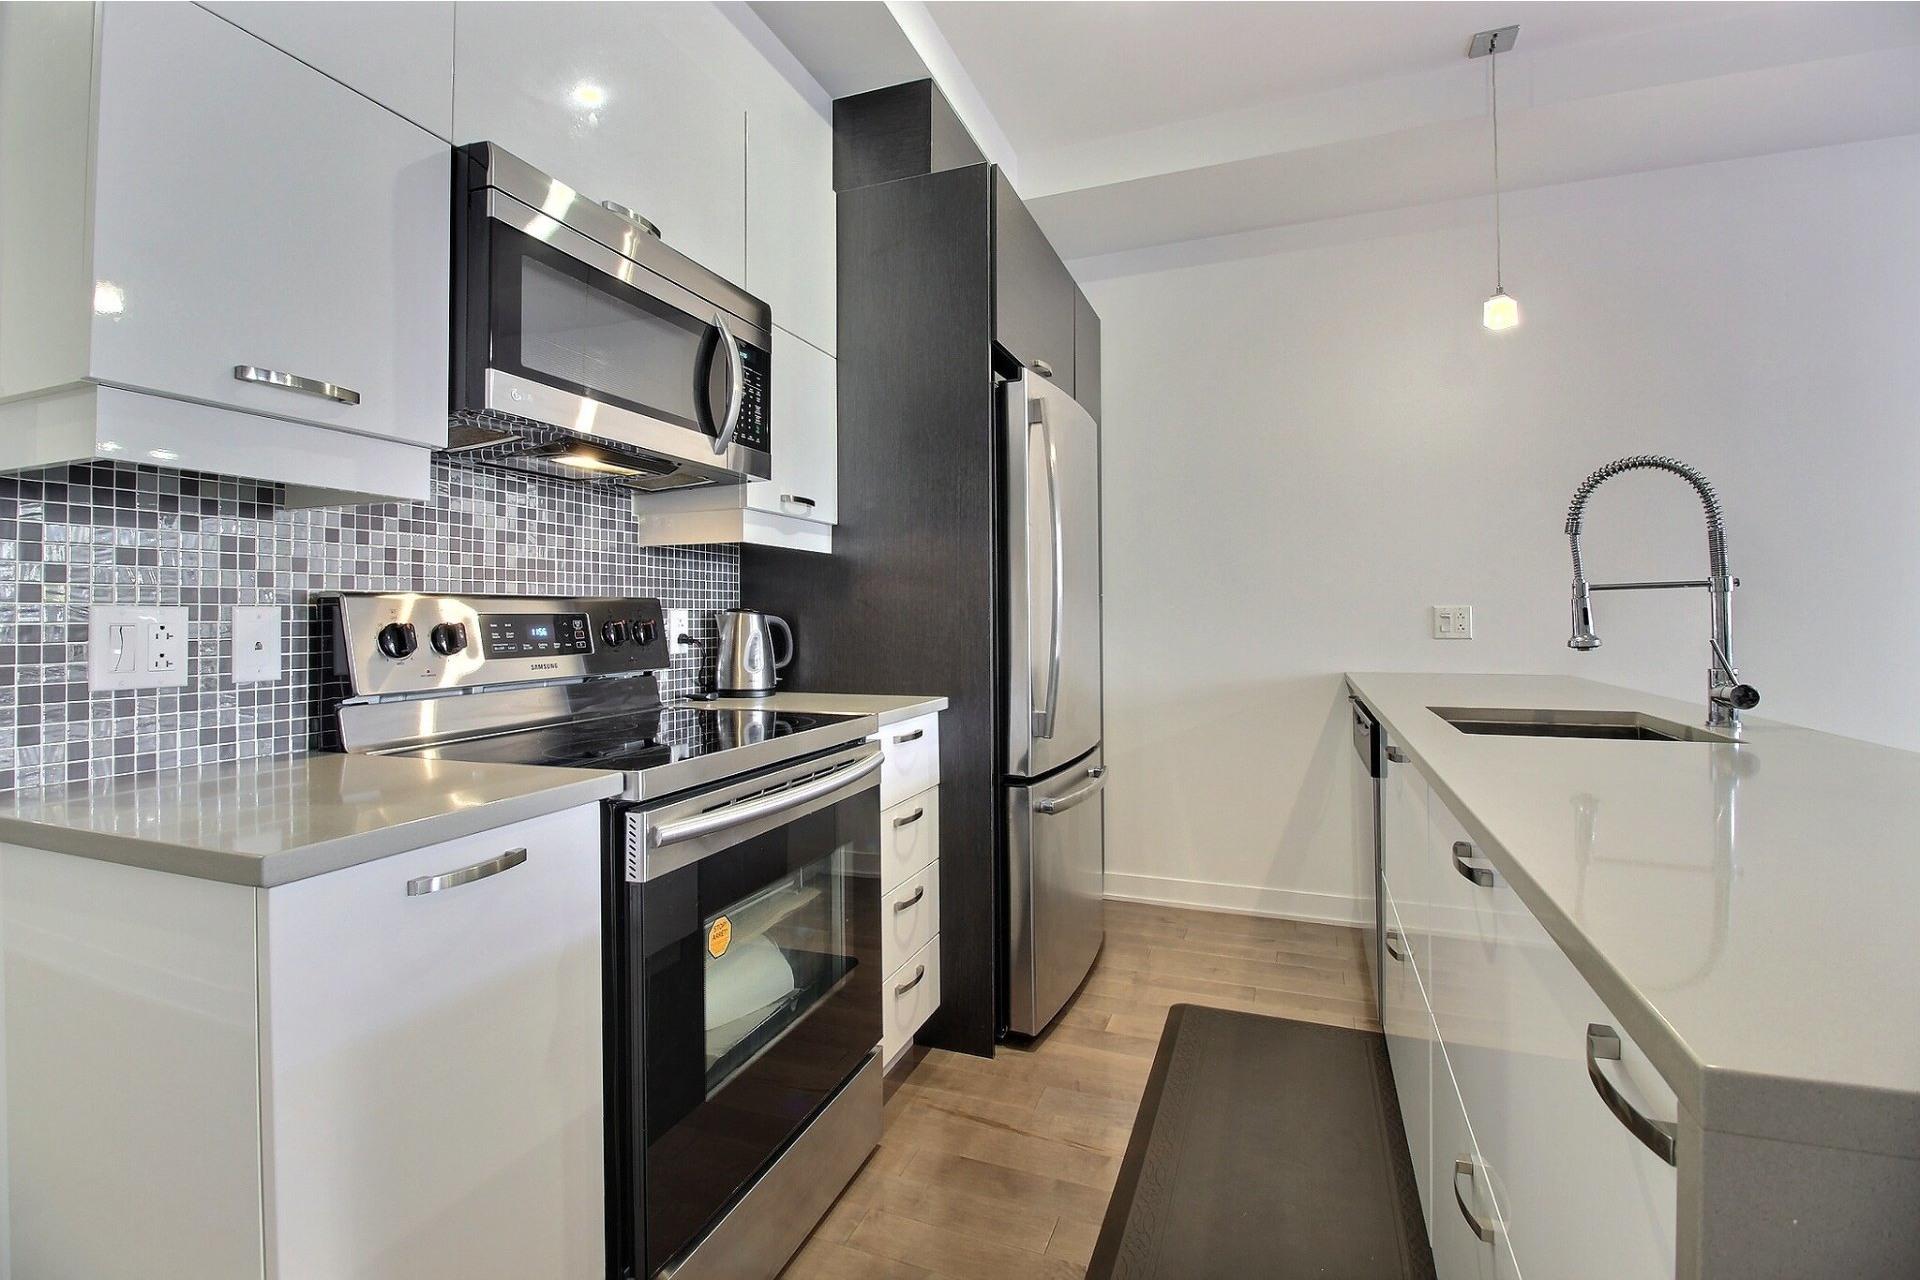 image 13 - Apartment For sale Ville-Marie Montréal  - 3 rooms